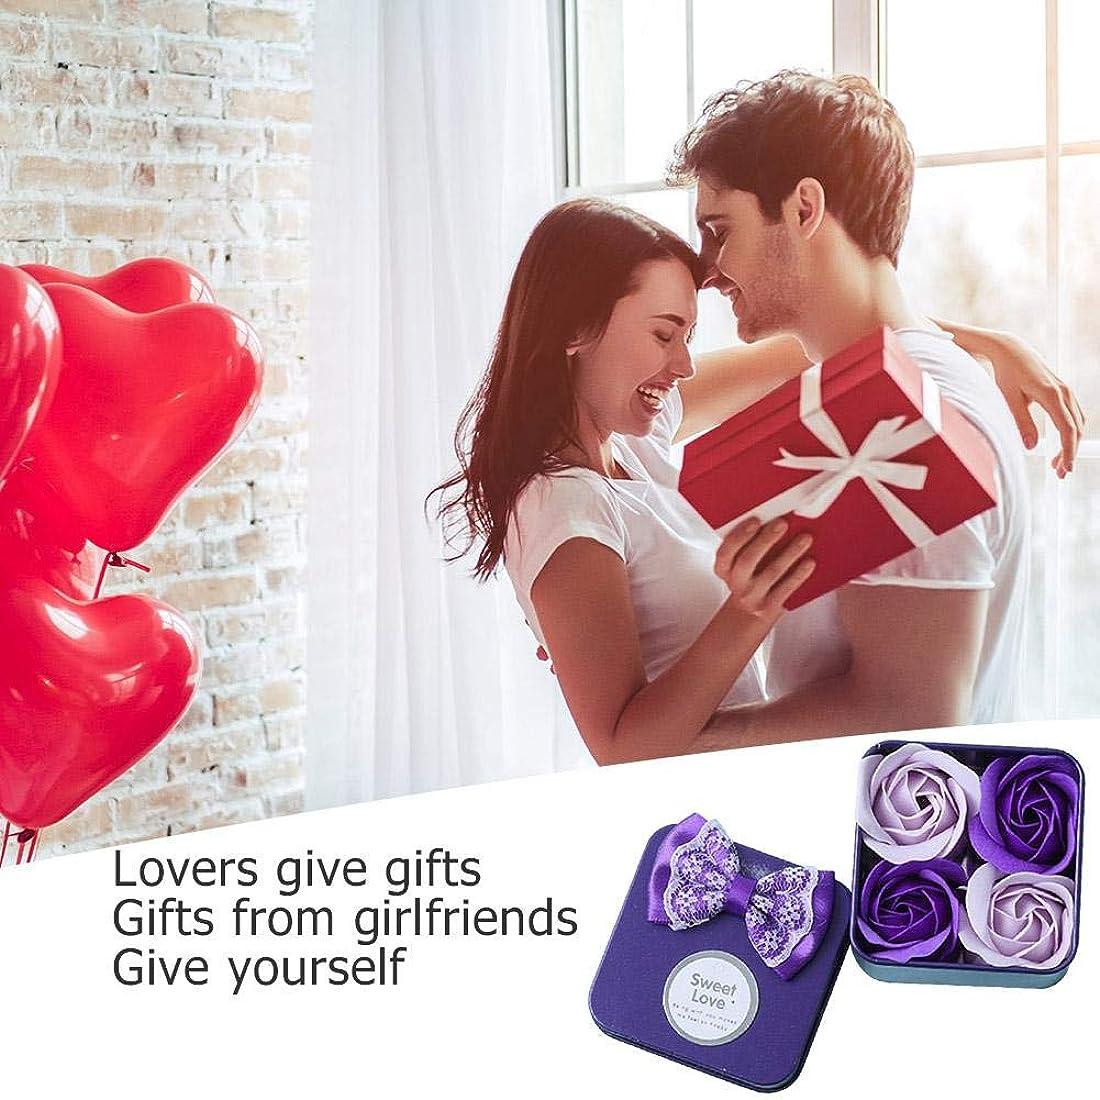 悩み勧告放射性ローズフラワー石鹸 香料入り 風呂 花びら石鹸 香り石鹸 バレンタインデーギフト 4個/ボックス 手作り 母の日 誕生日プレゼント 贈り物 お祝い Amiu